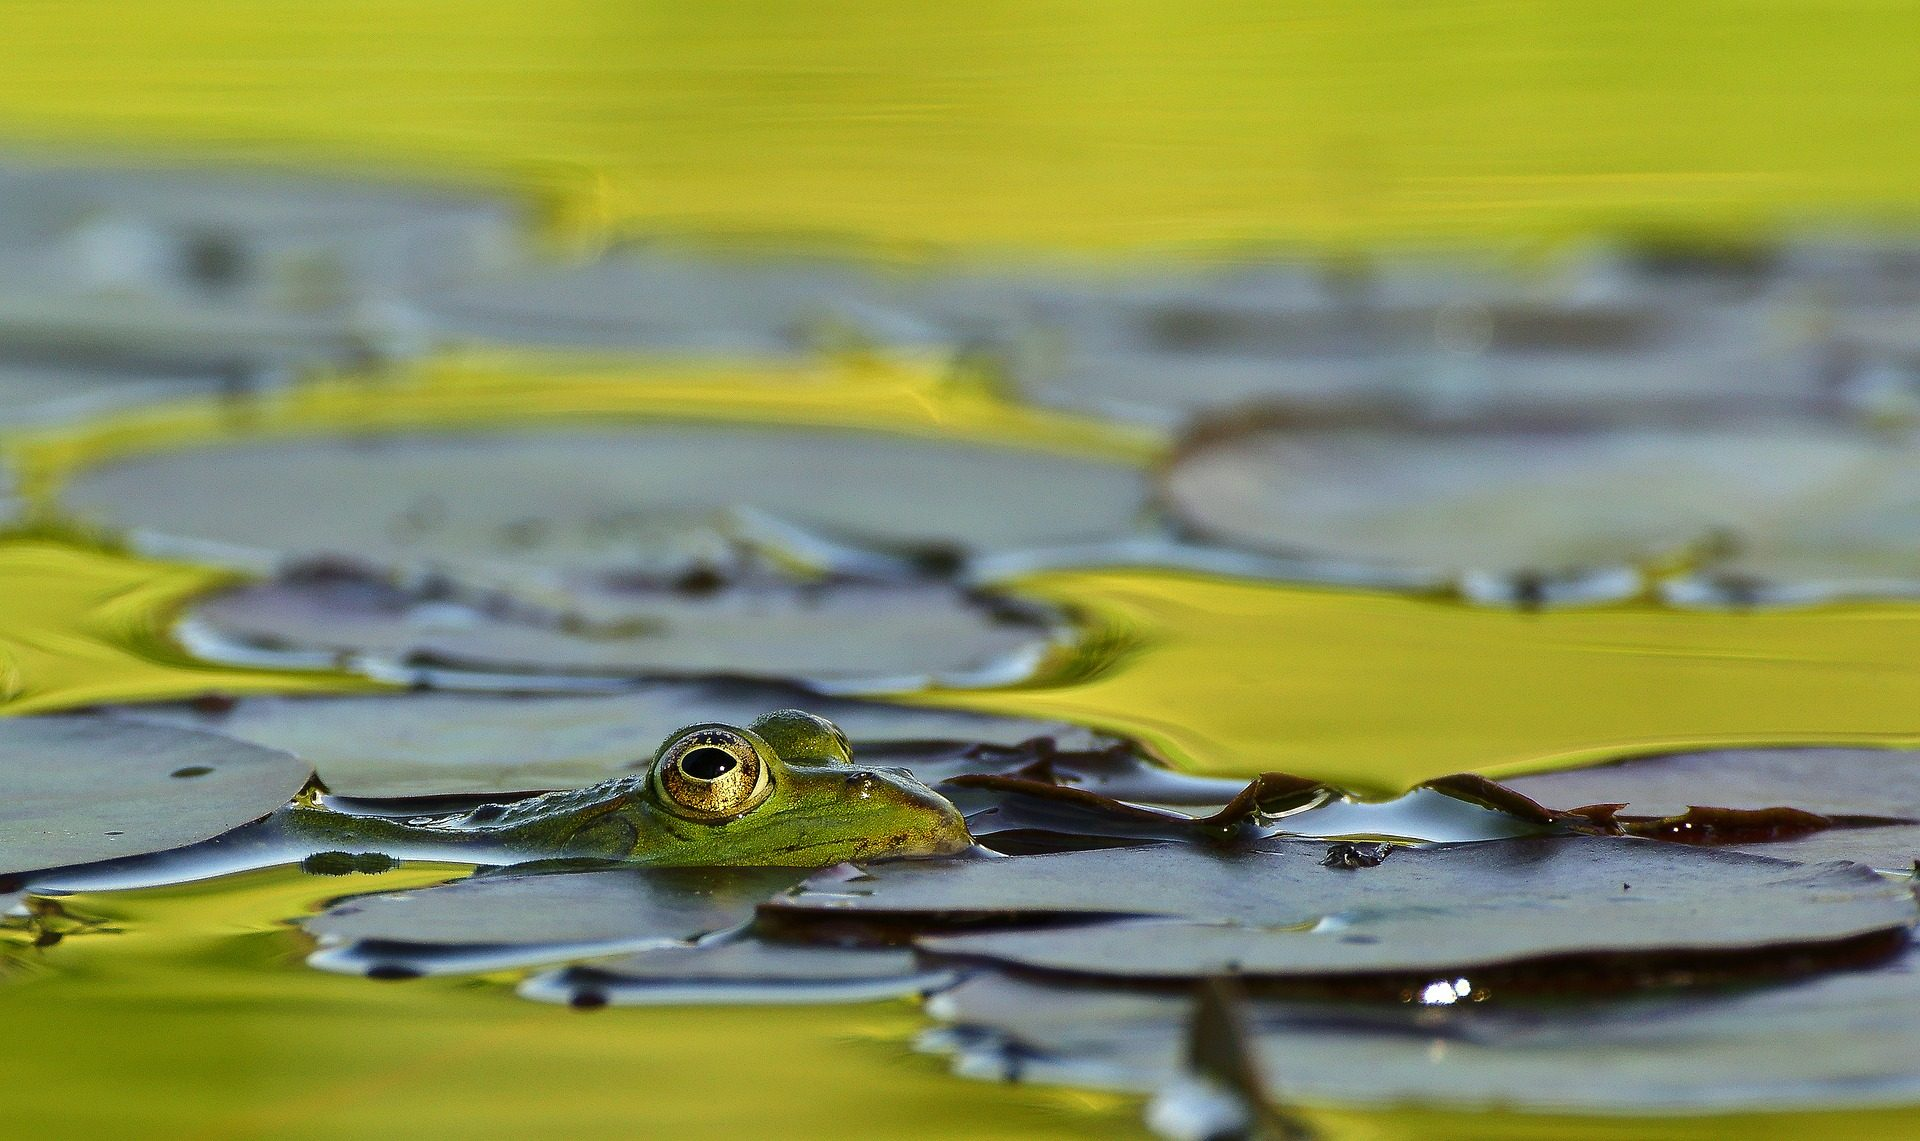 Rana, lago, stagno, nenufares, acqua, occhi - Sfondi HD - Professor-falken.com